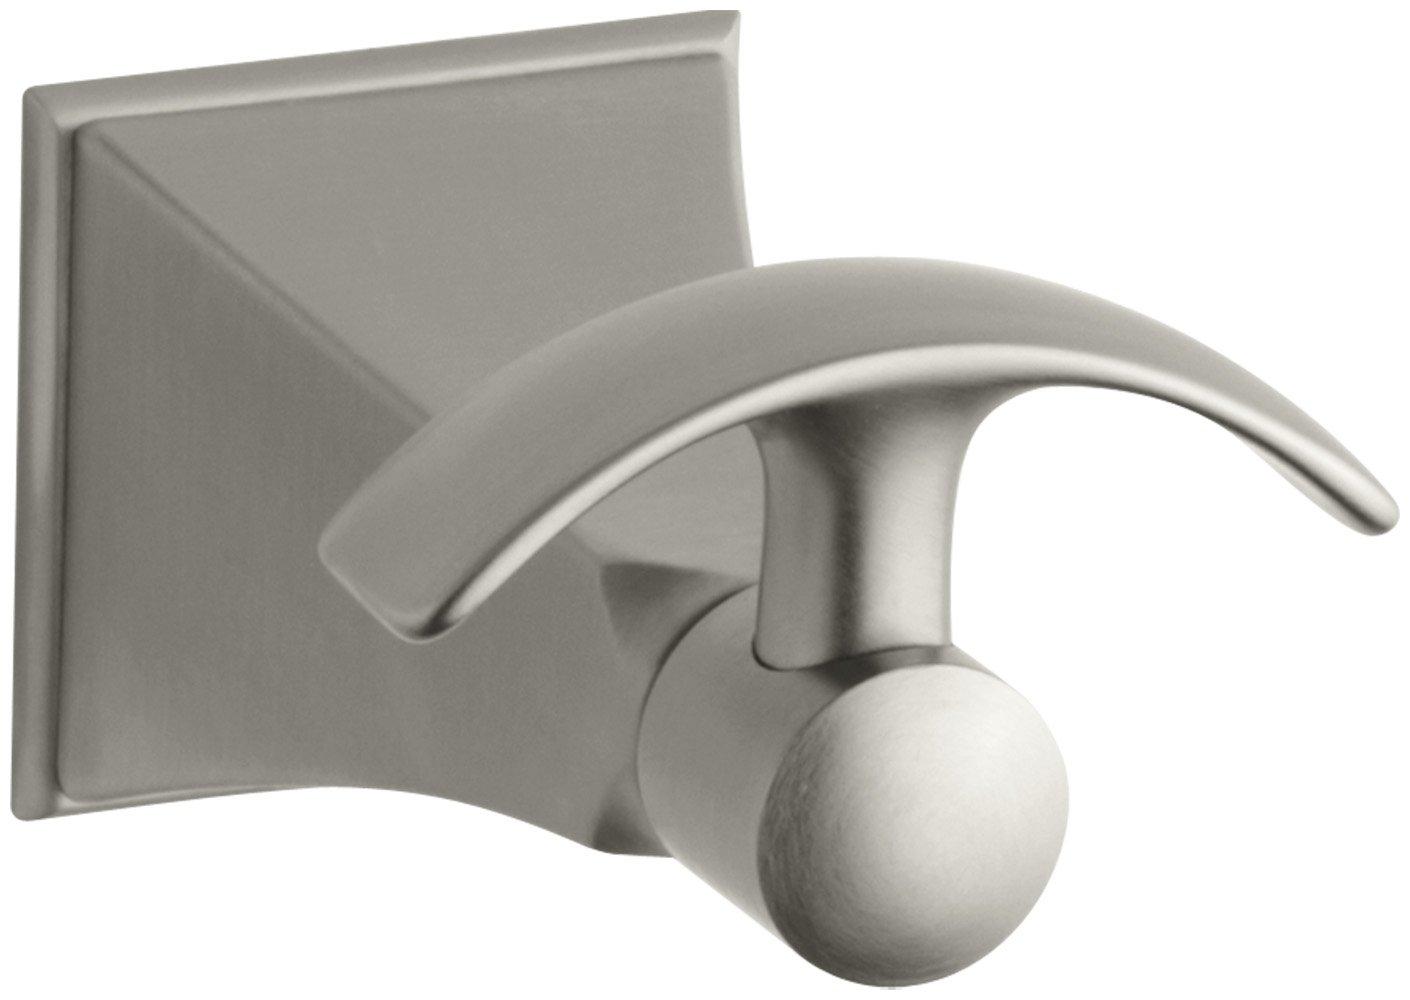 KOHLER K-492-BN Memoirs Robe Hook with Stately Design, Vibrant Brushed Nickel